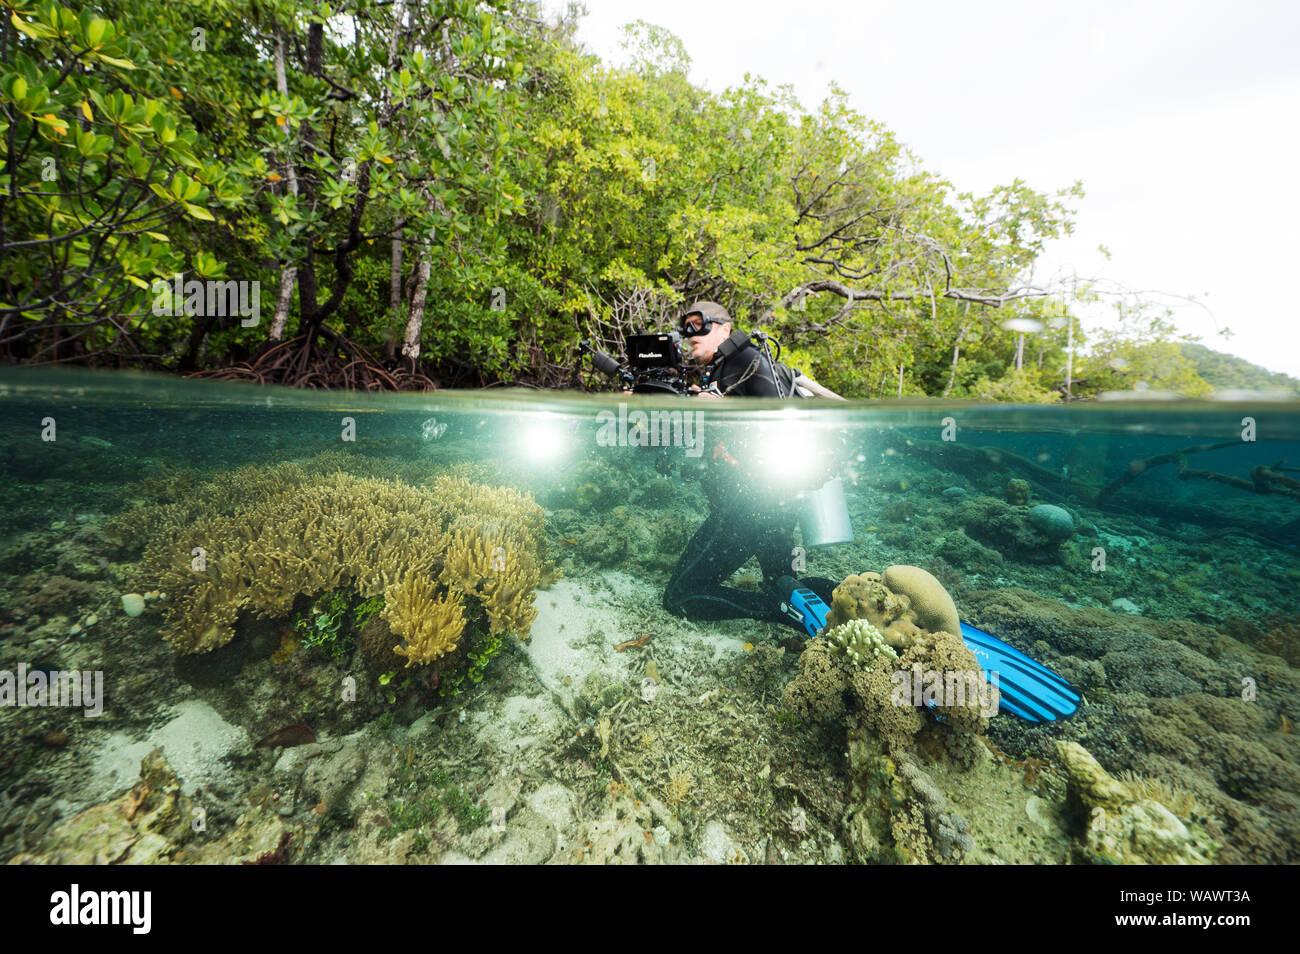 Wildlife Photographer Tim Laman rodando por debajo de los manglares y los arrecifes de coral en Raja Ampat Indonesia. Foto de stock